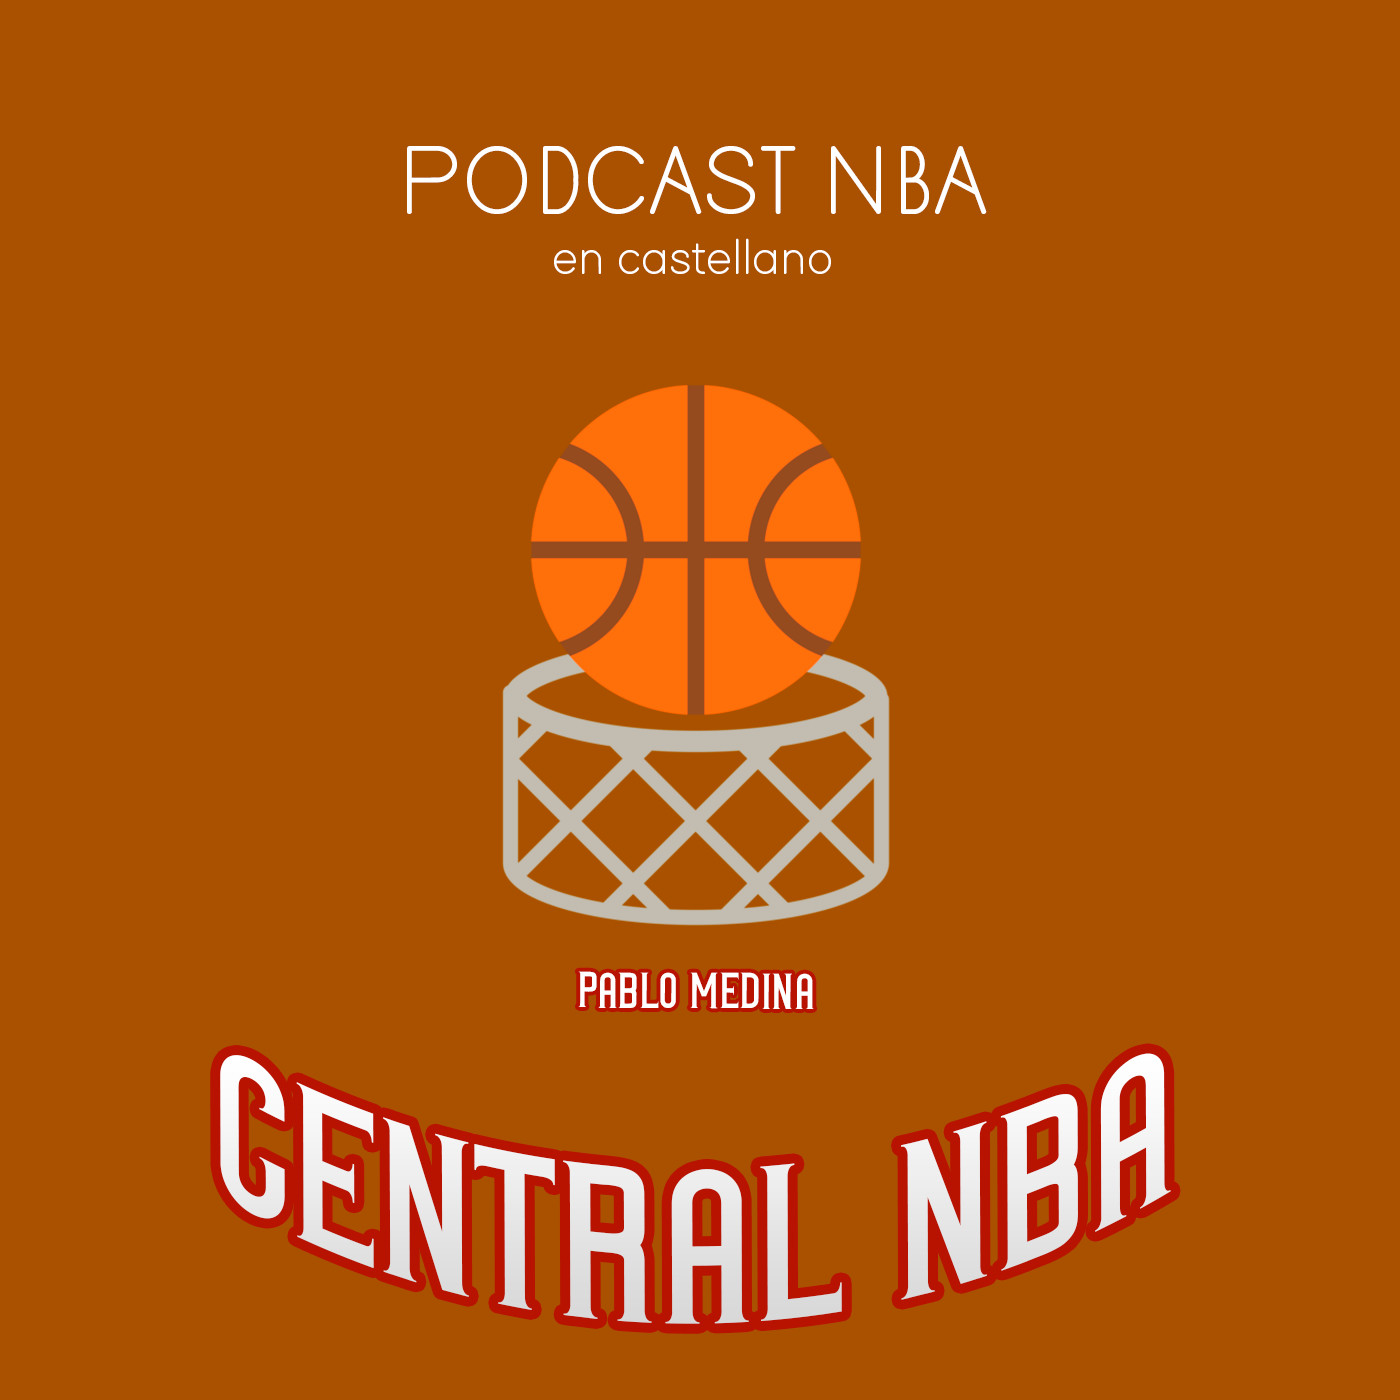 ¿POR QUÉ LA NBA ESTÁ TAN IGUALADA EN ESTOS PLAYOFFS? - Analizamos la JORNADA DE AYER - CENTRAL NBA #29 (06/09/2020)